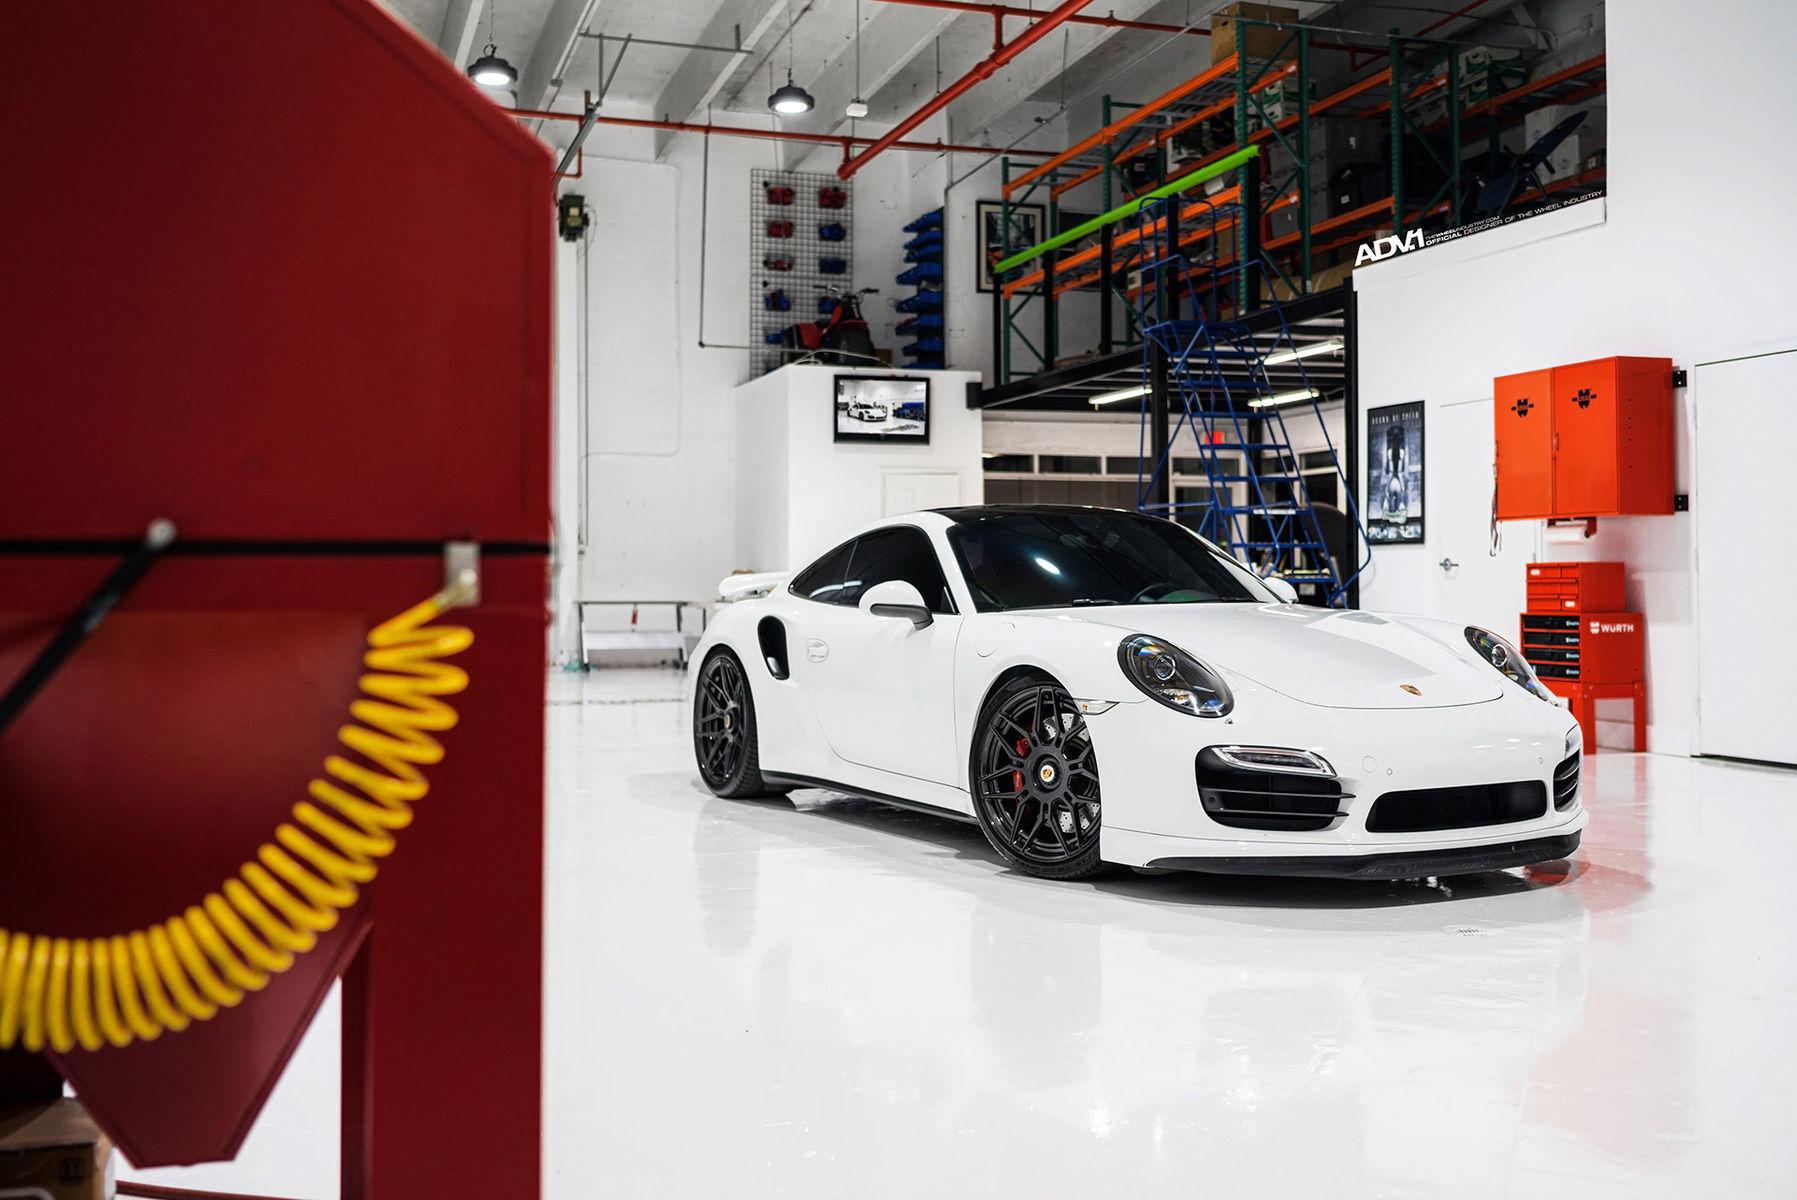 2016 Porsche 911   Porsche 991 Turbo - ADV10.0 M.V2 CS